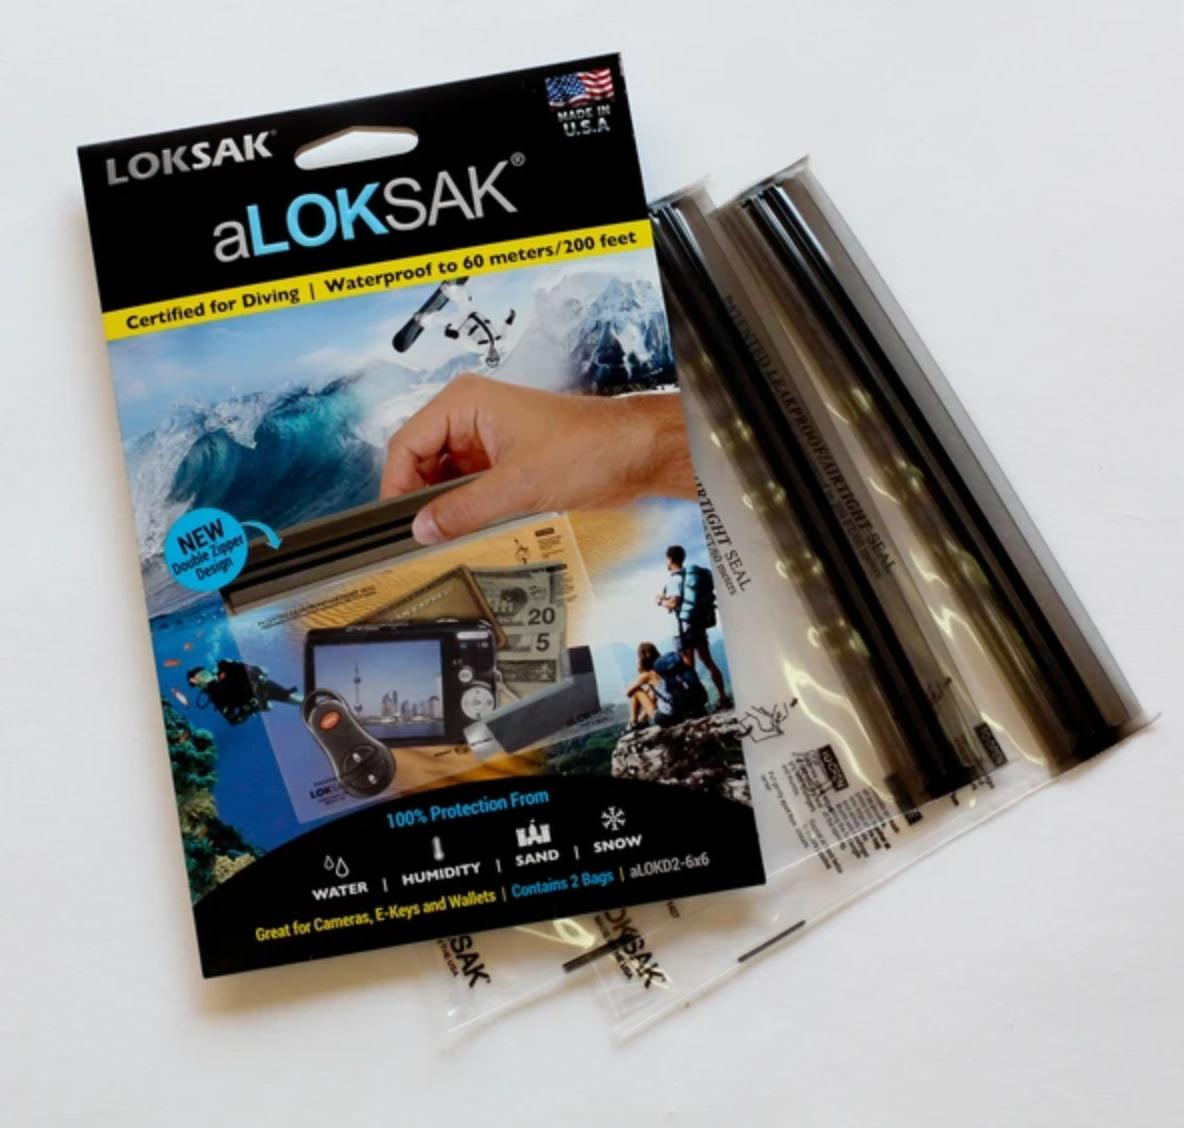 aLOKSAK 6X6 2-Pack-1